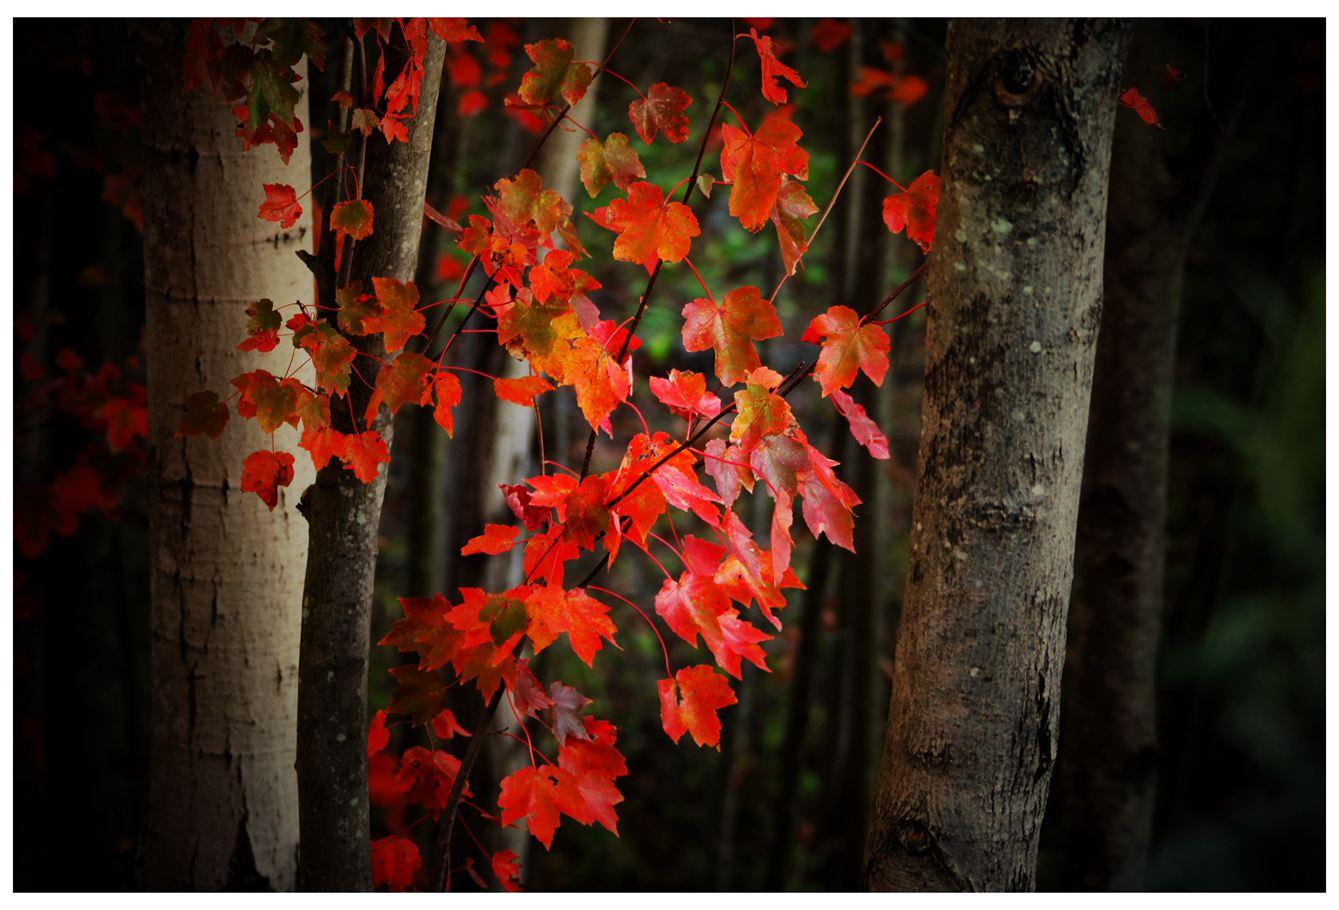 风光] 叶到红时勘比花—实拍美国东部深秋红叶_图1-29